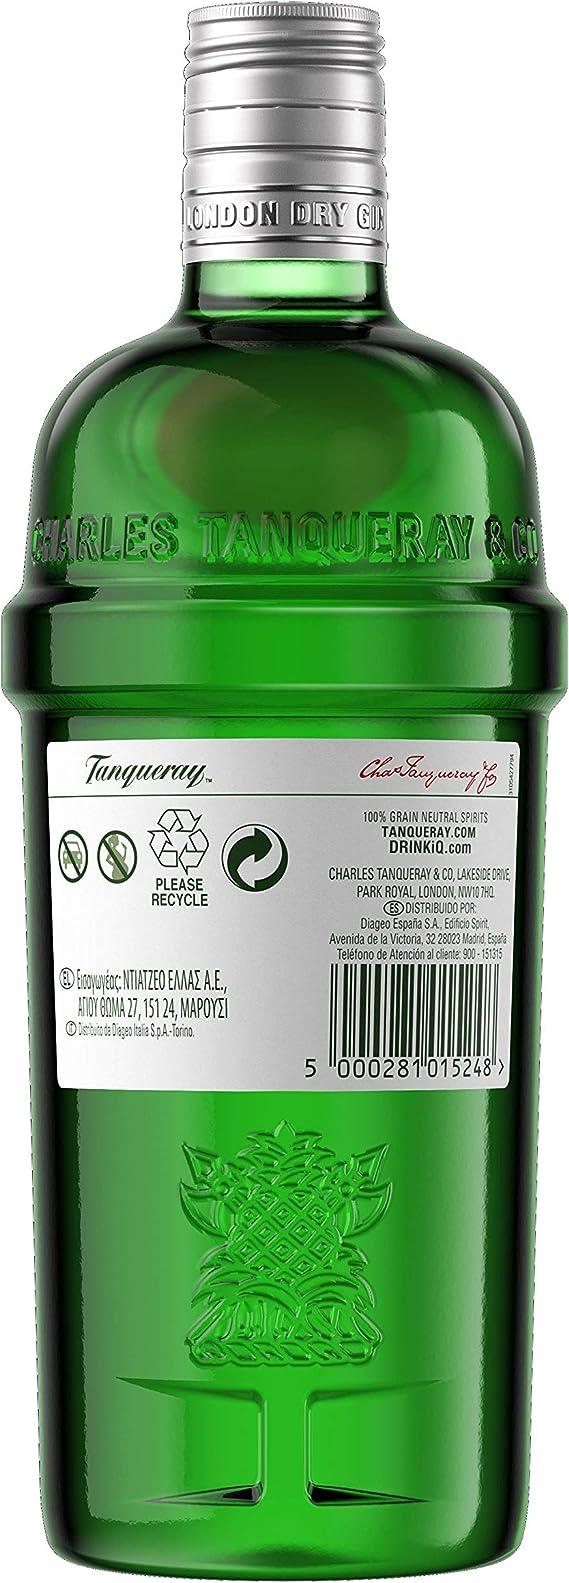 Tanqueray - London Dry Gin Ginebra inglesa, Pack con miniatura de Tanqueray Flor de Sevilla de regalo, 70 cl: Amazon.es: Alimentación y bebidas